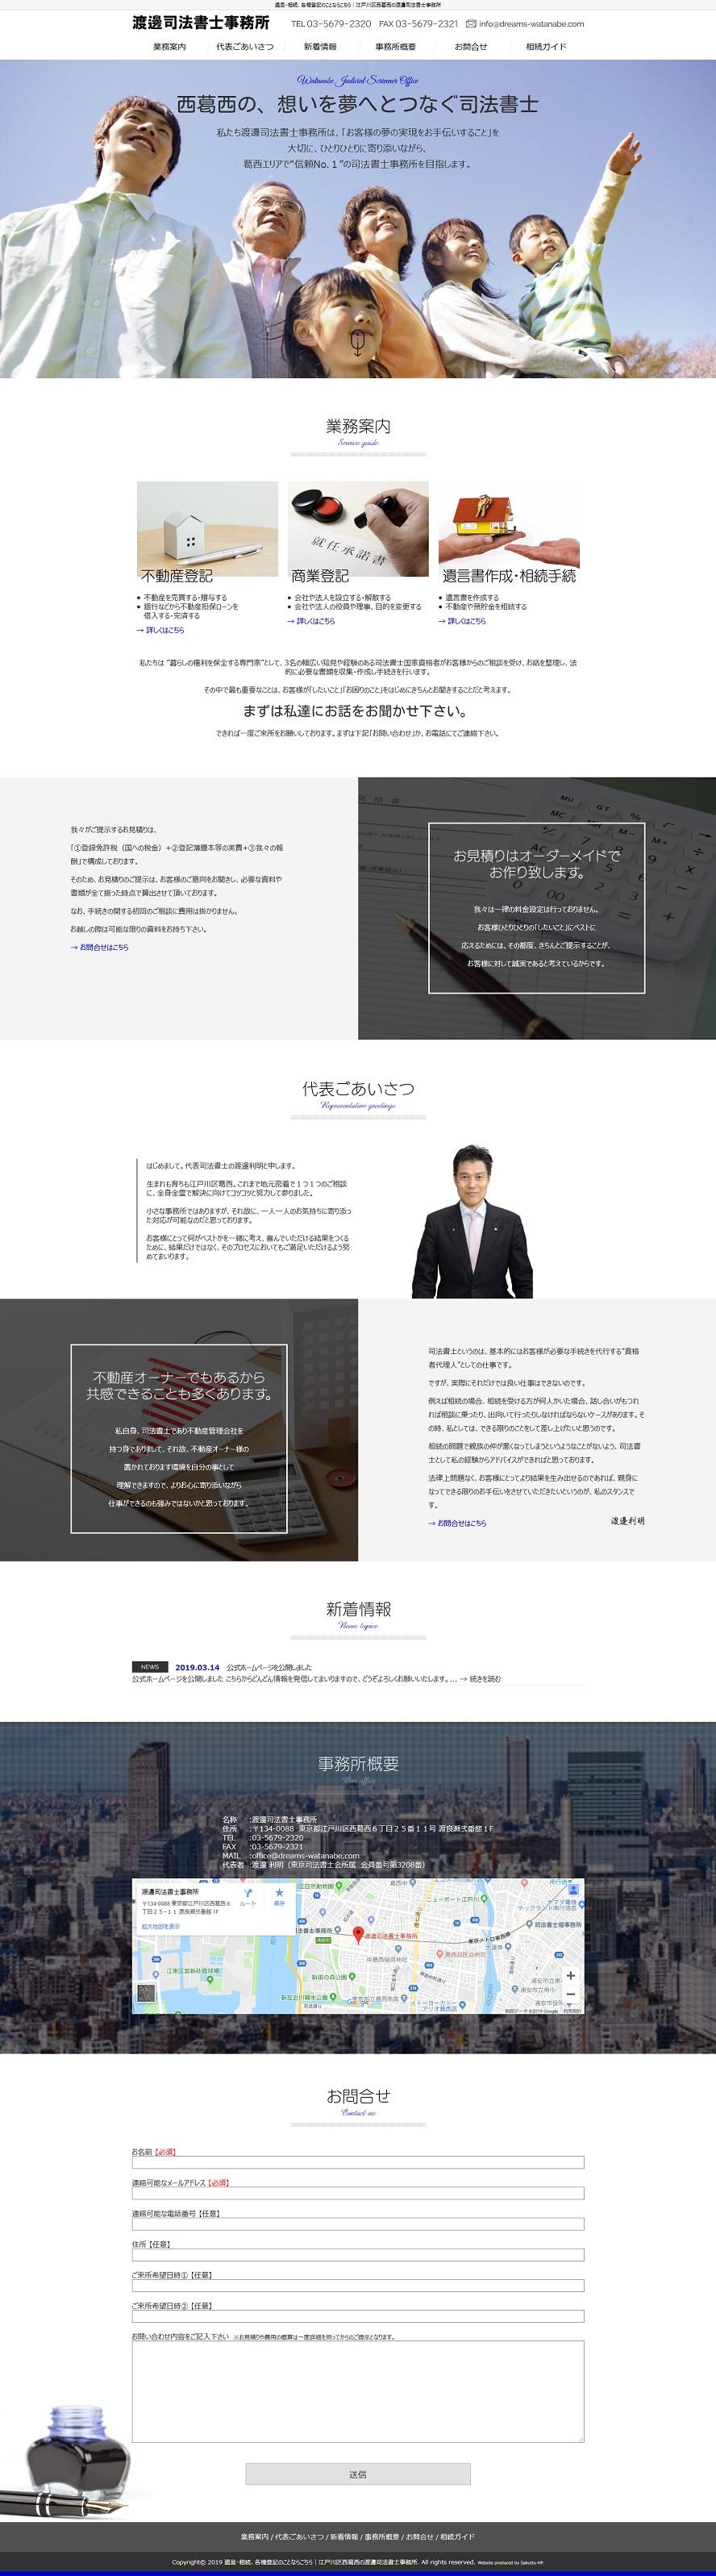 ホームページ作成|東京|さくっとホームページ作成では東京で会社設立をはじめ、不動産登記や相続、遺言などに関するサービスを提供している「渡邊司法書士事務所様の公式ホームページ」を作成し、2019年3月14日に一般公開を開始しました。